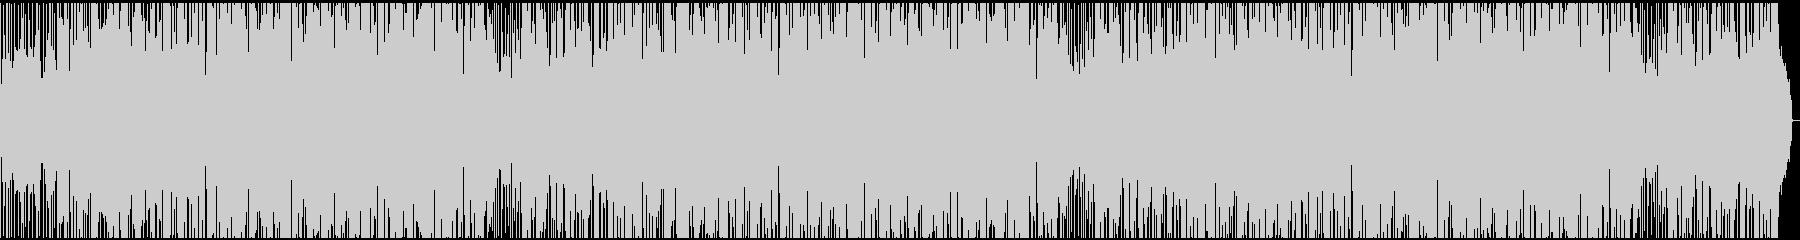 爽やか雰囲気の風が感じられるBGMの未再生の波形